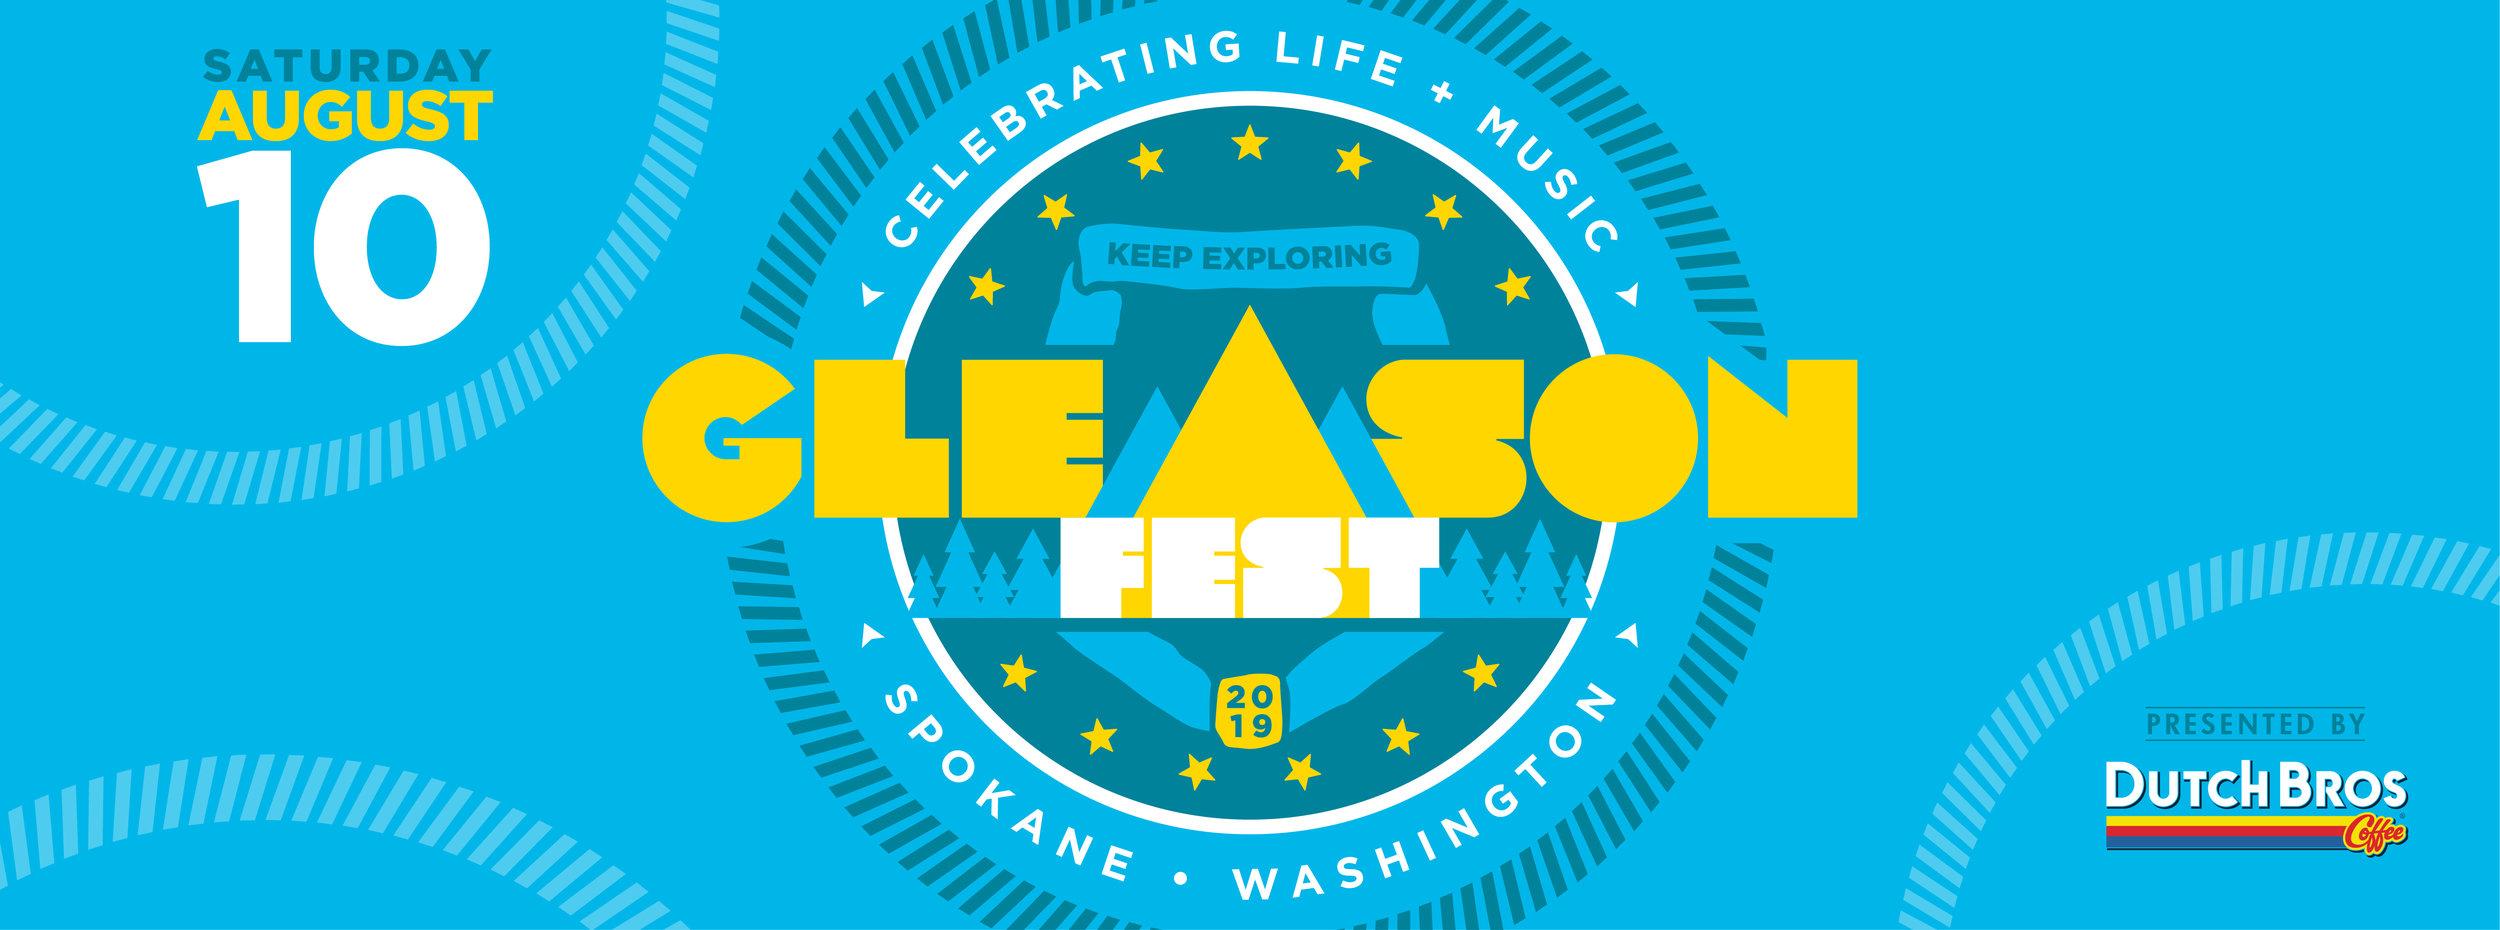 GleasonFest_Cover-06.jpg